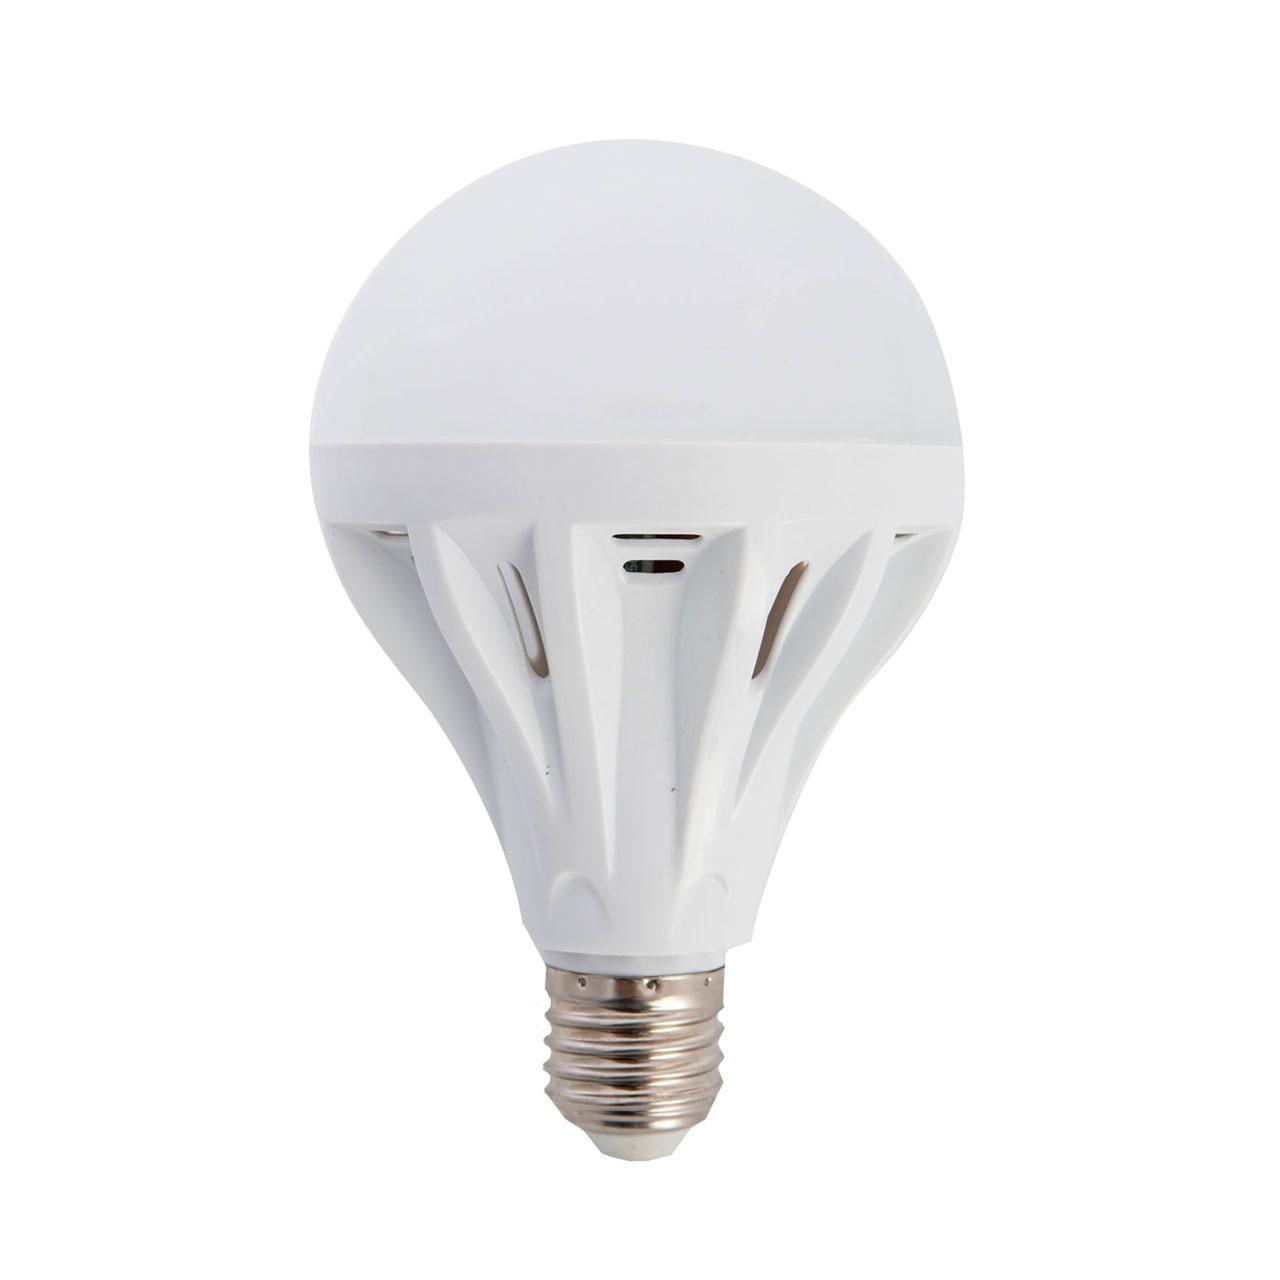 MUVA LED Lampe Bulb 9 Watt